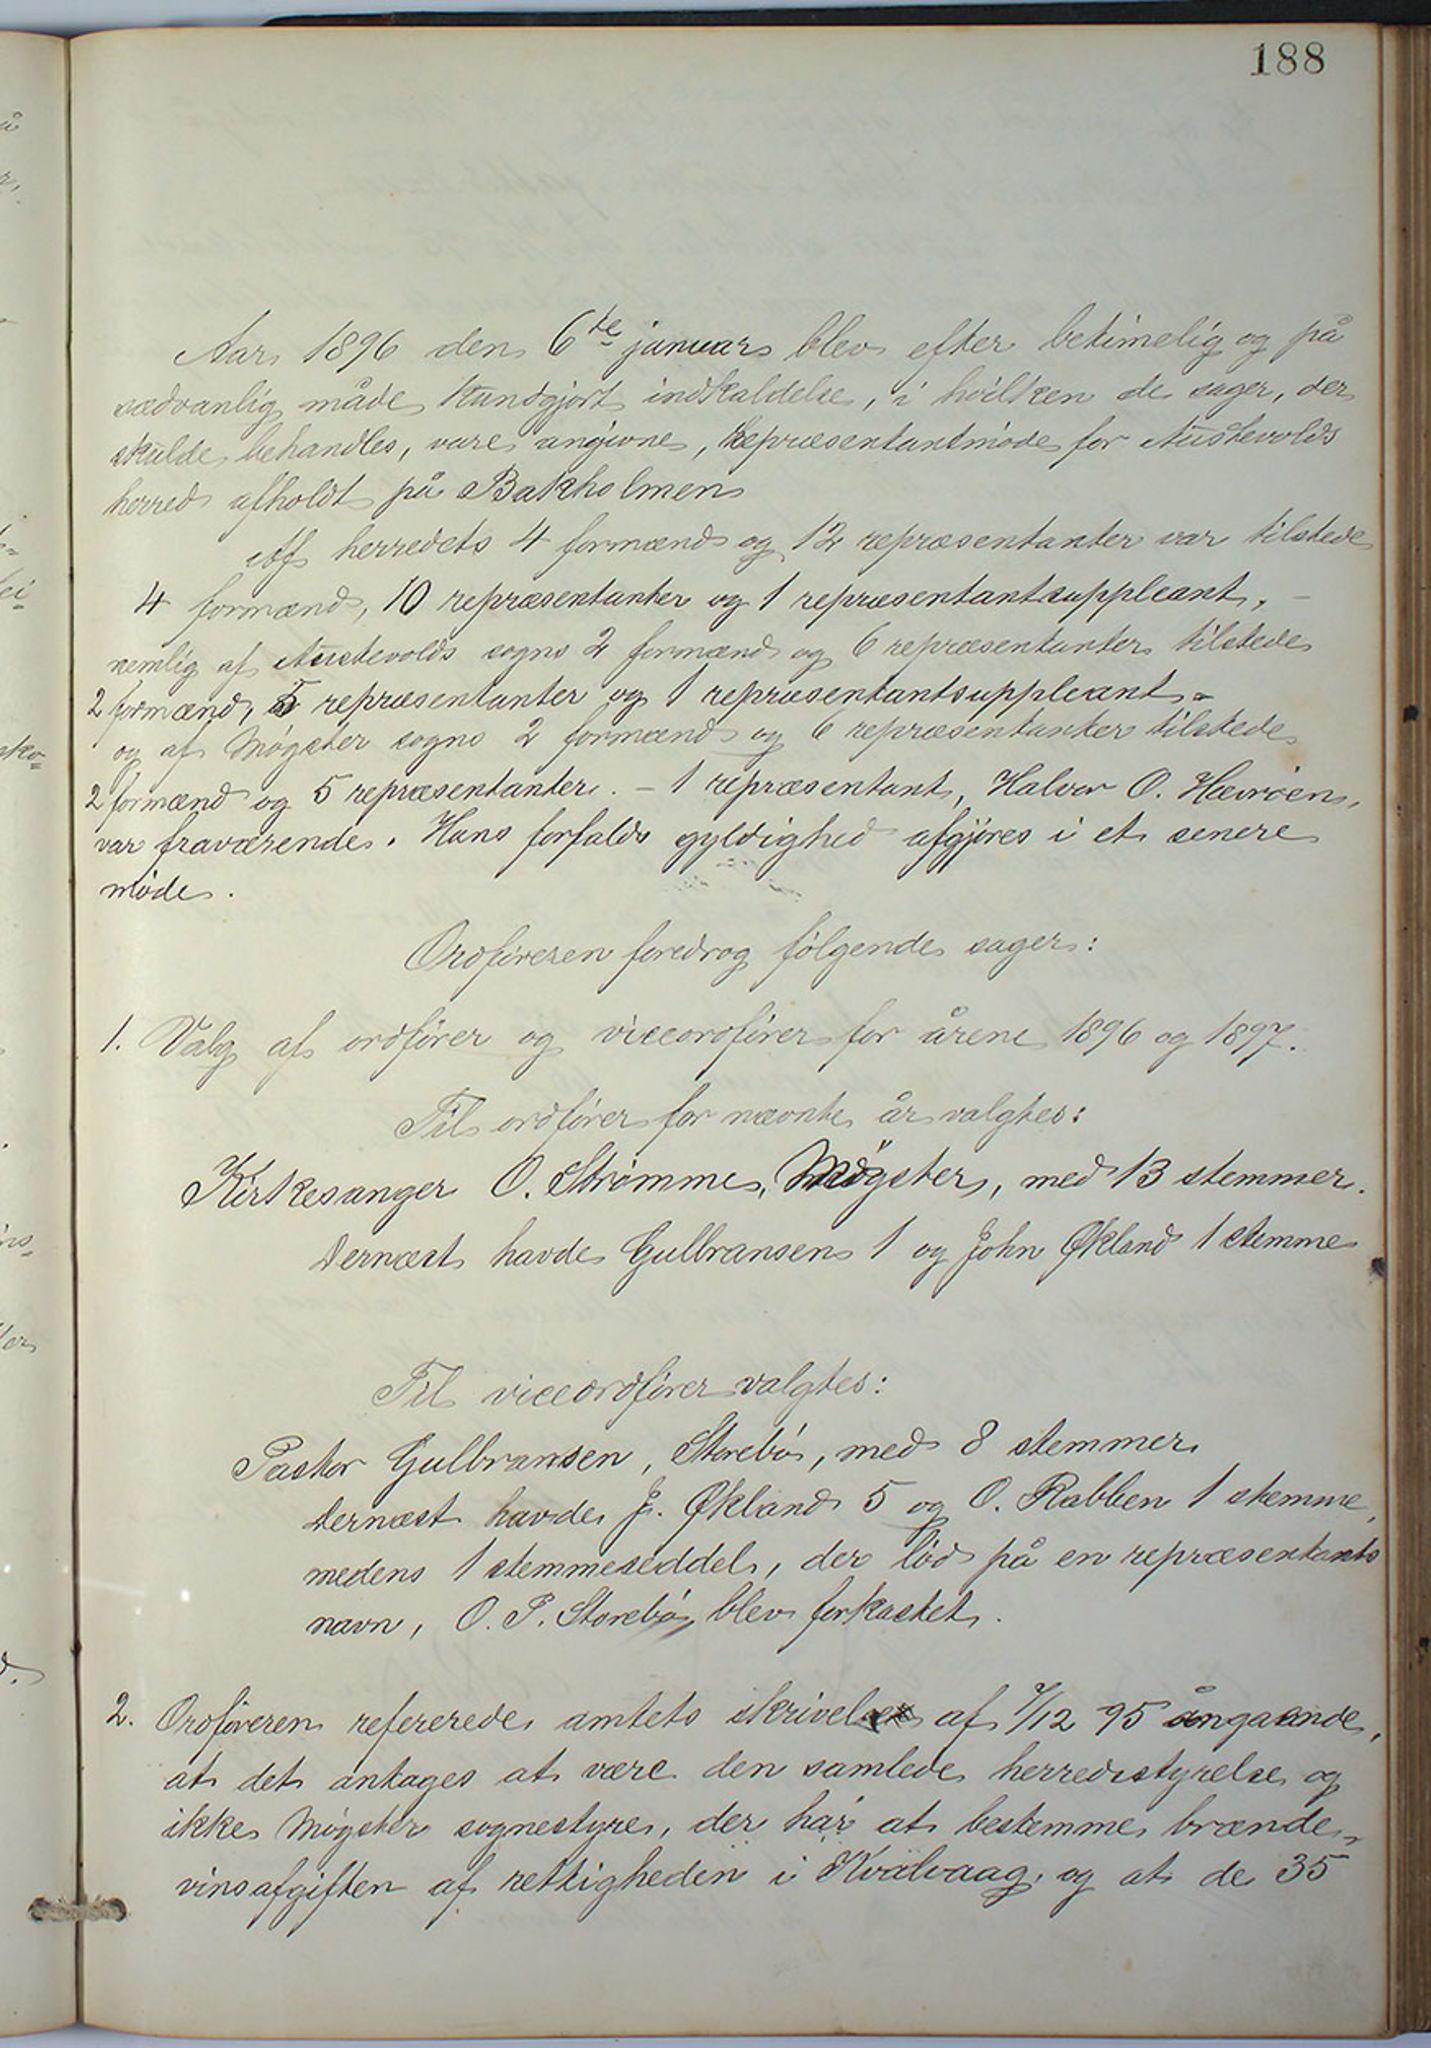 IKAH, Austevoll kommune. Formannskapet, A/Aa/L0001: Østervolds Herredsforhandlings-protokoll, 1886-1900, s. 376